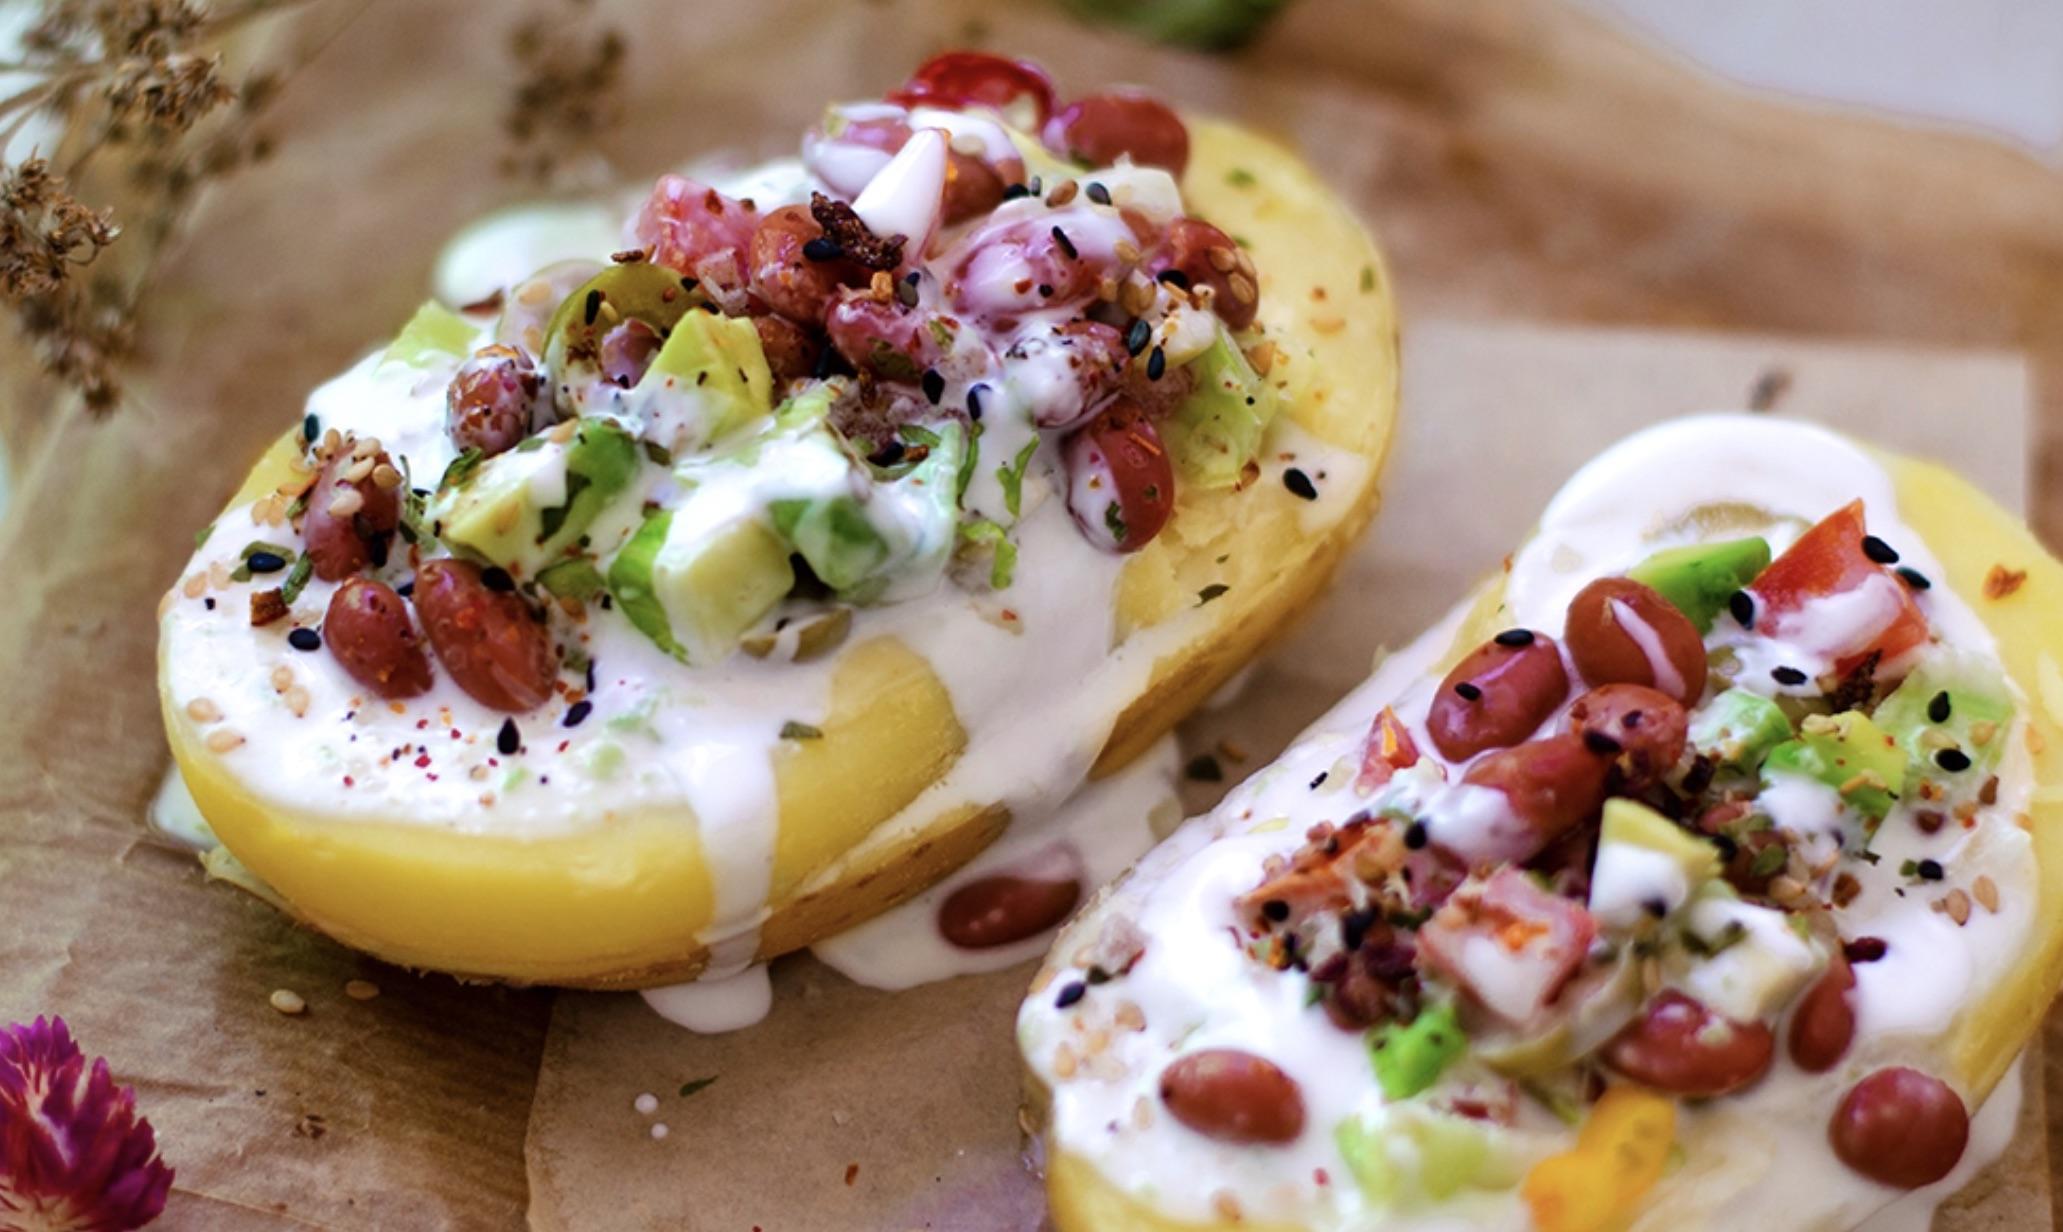 vegan aardappel salade - vegan gerecht - vegan today - vegan